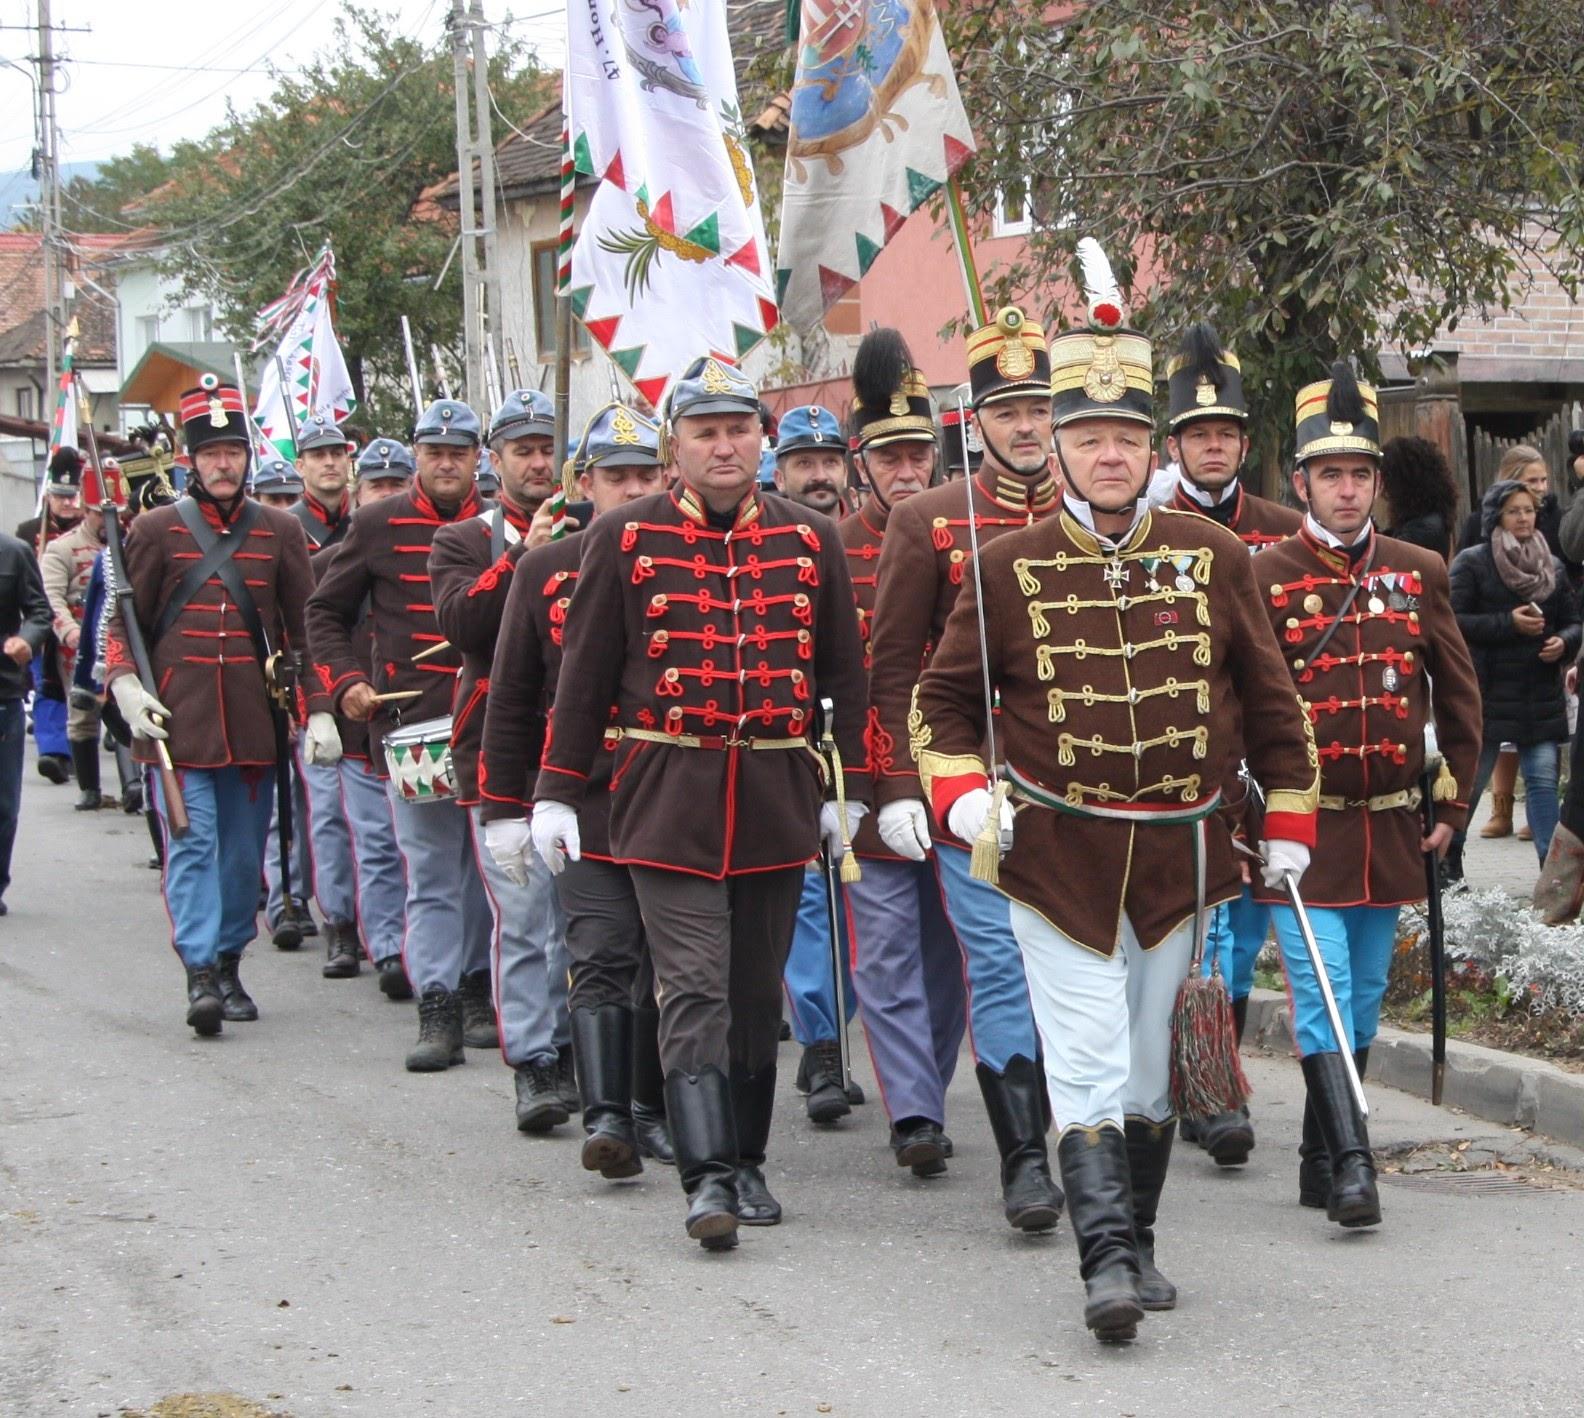 Budai 2. Honvédzászlóalj az őszi hadjáraton